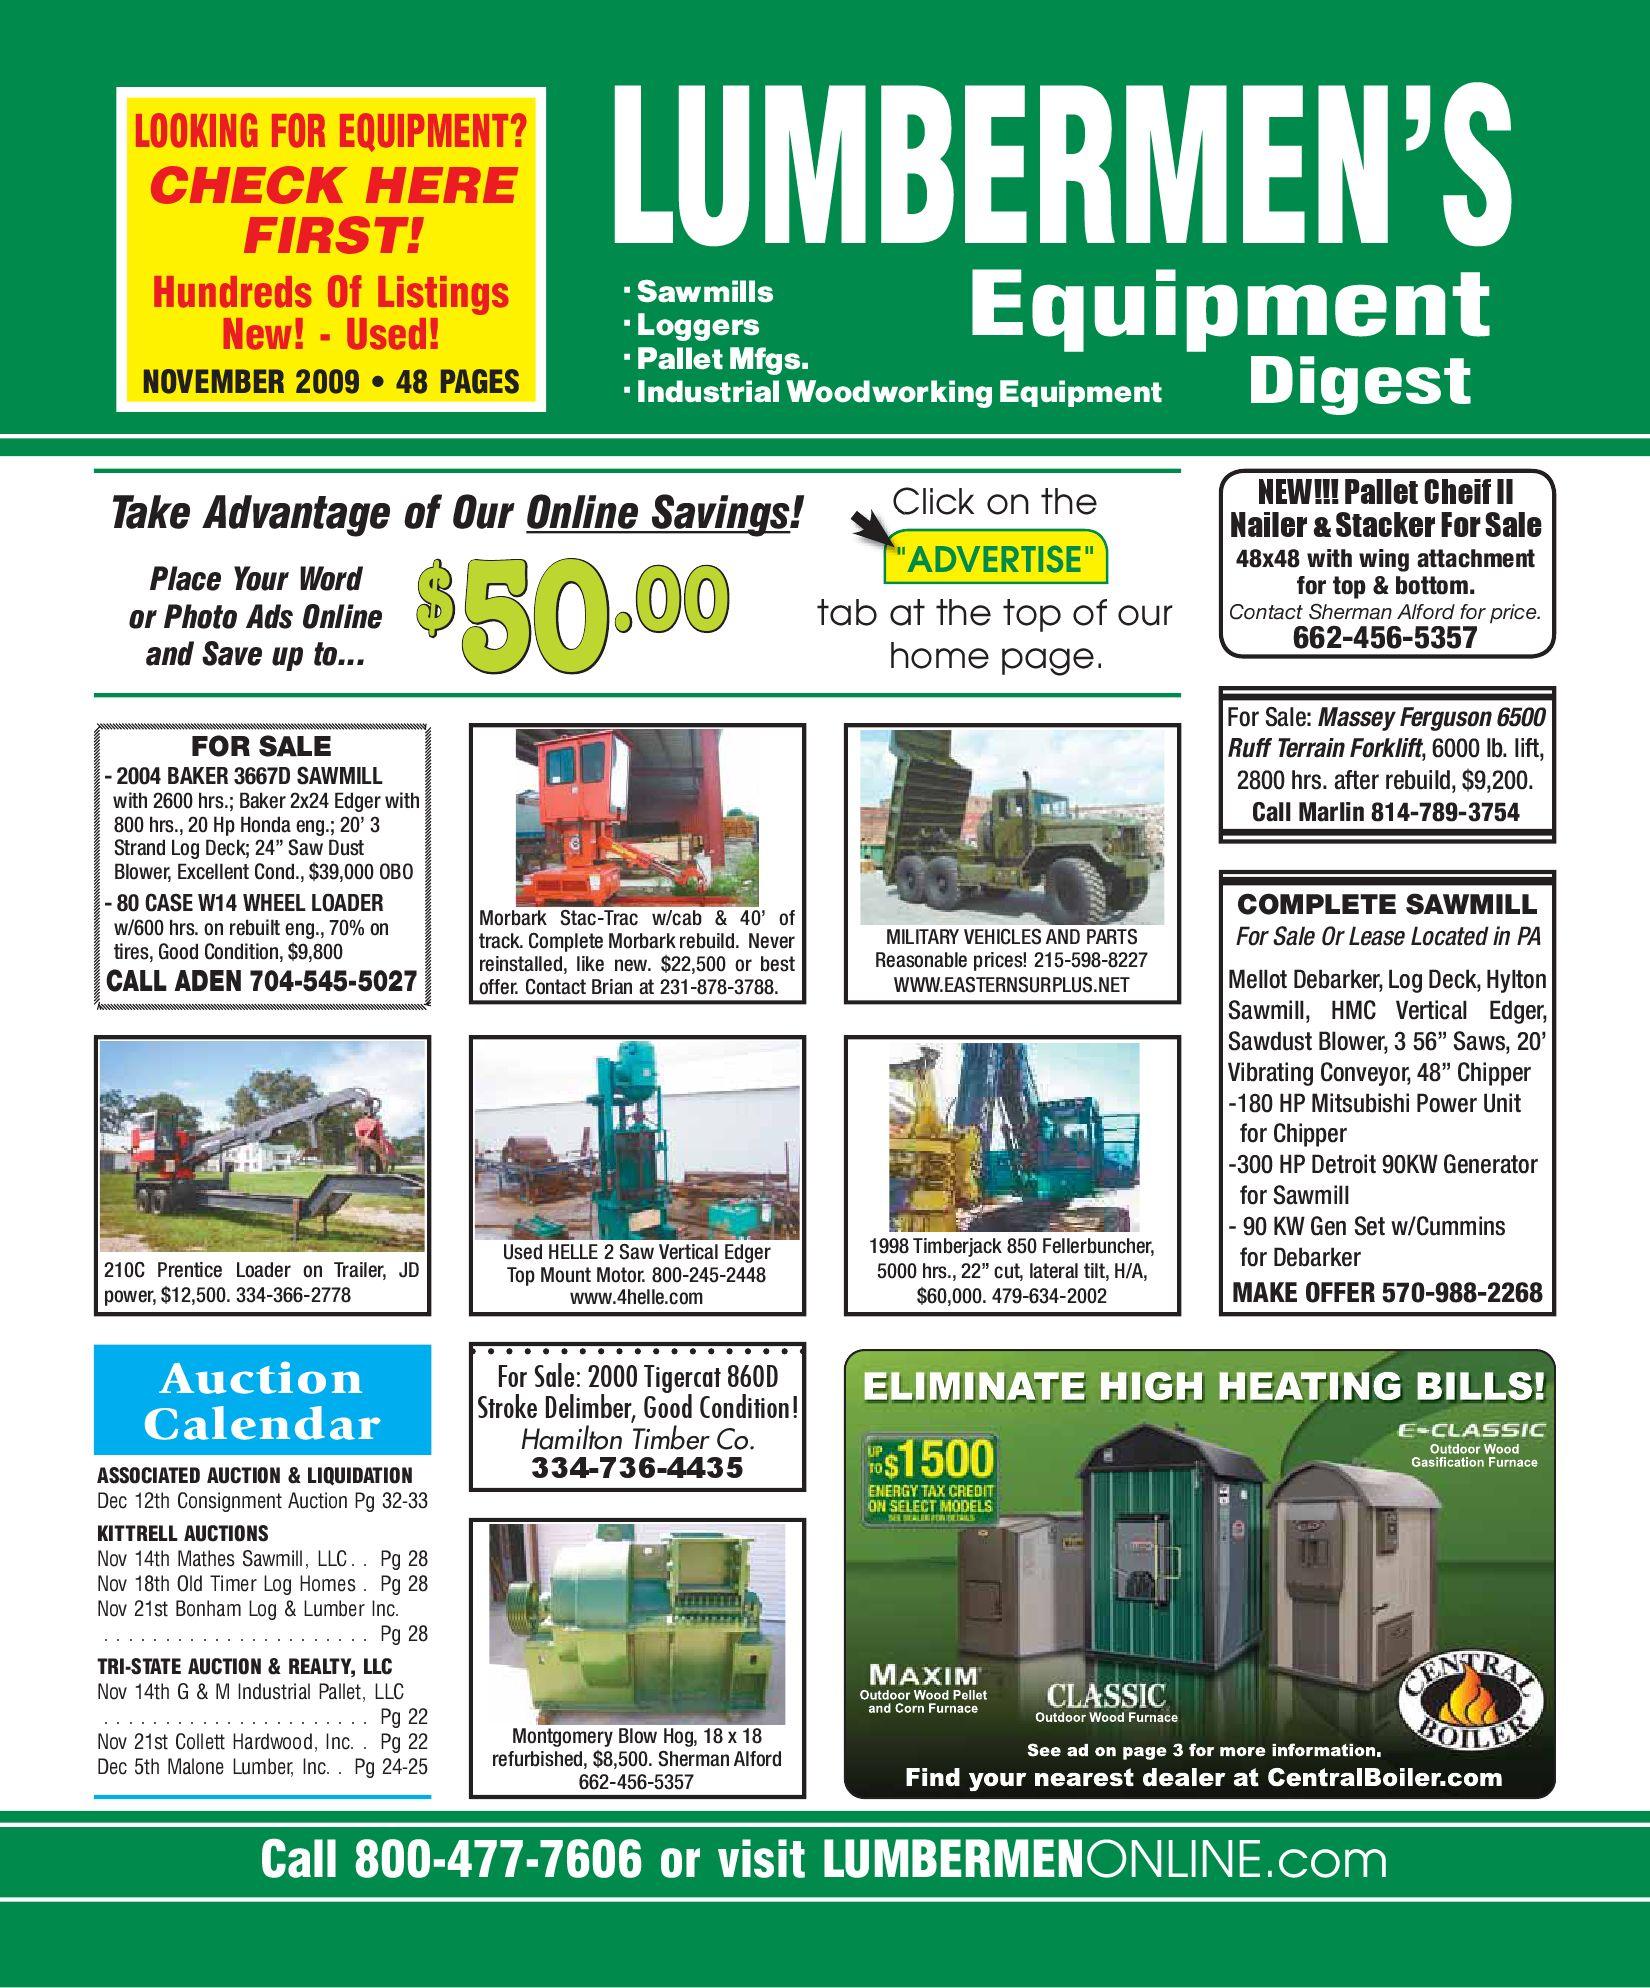 November 2009 / LUMBERMEN'S Equipment Digest by LUMBERMEN'S